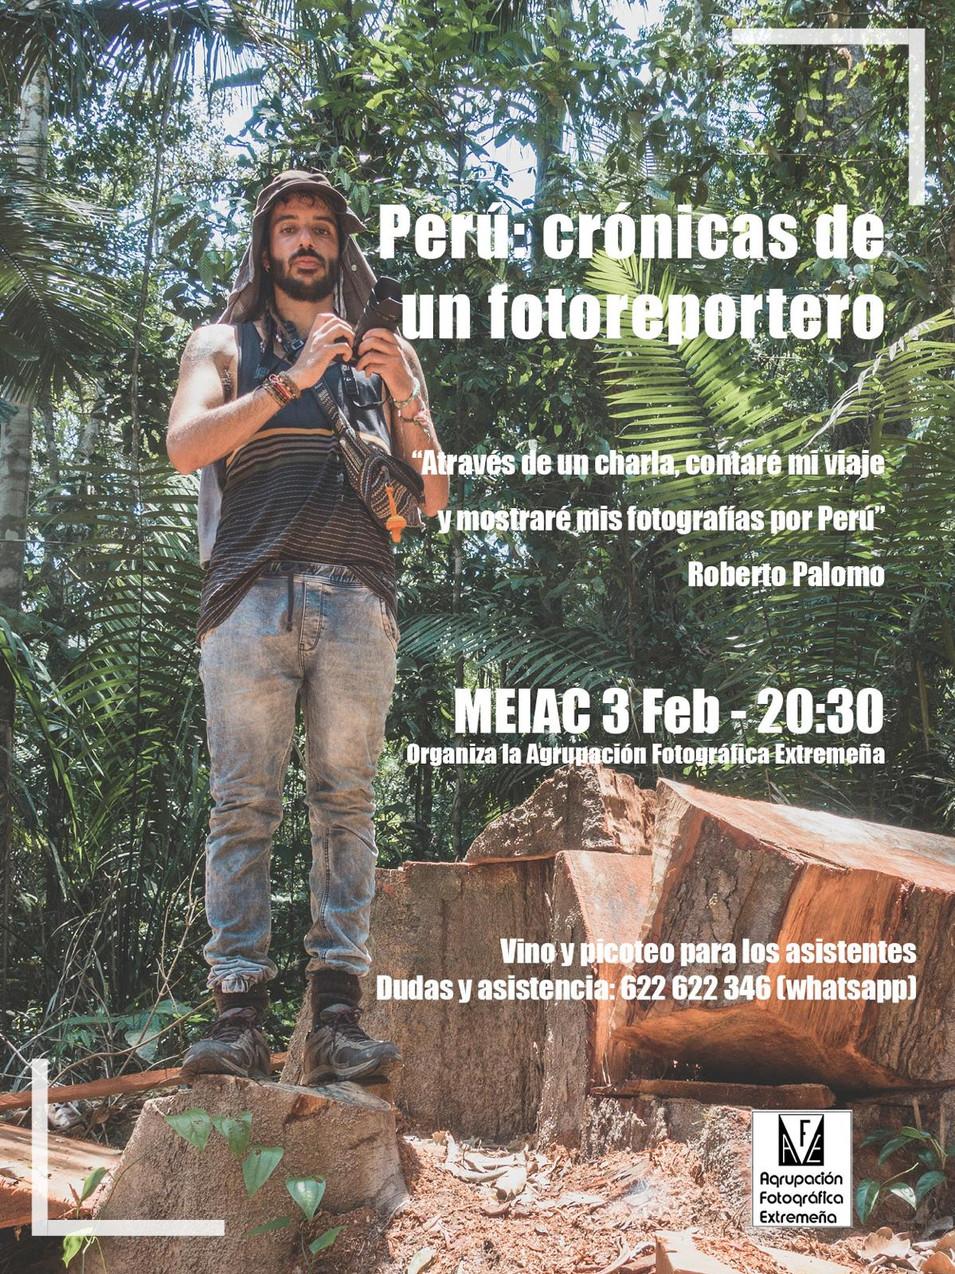 PERÚ: CRÓNICAS DE UN FOTOREPORTERO